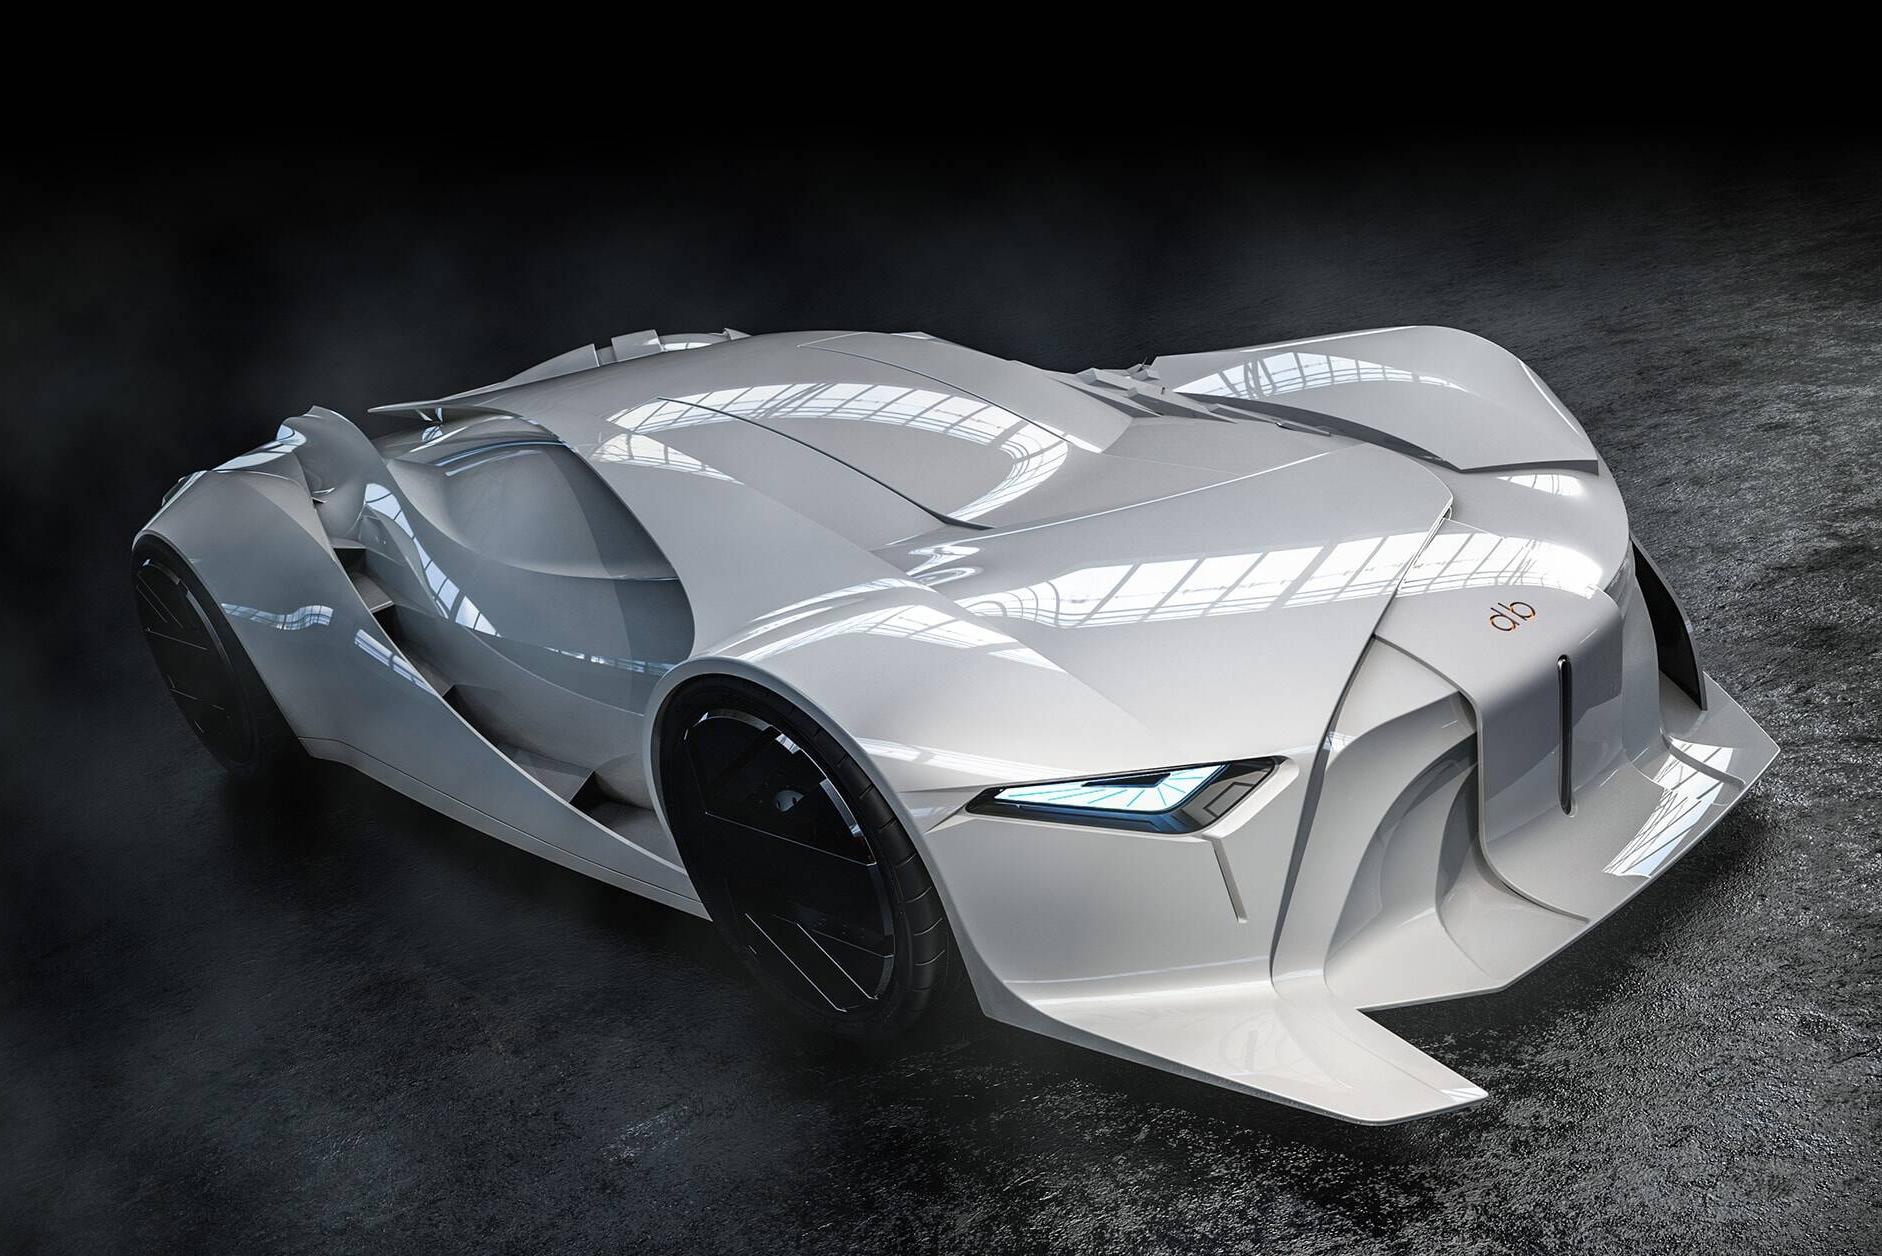 全尺寸3D打印概念车亮相 造型完全颠覆传统